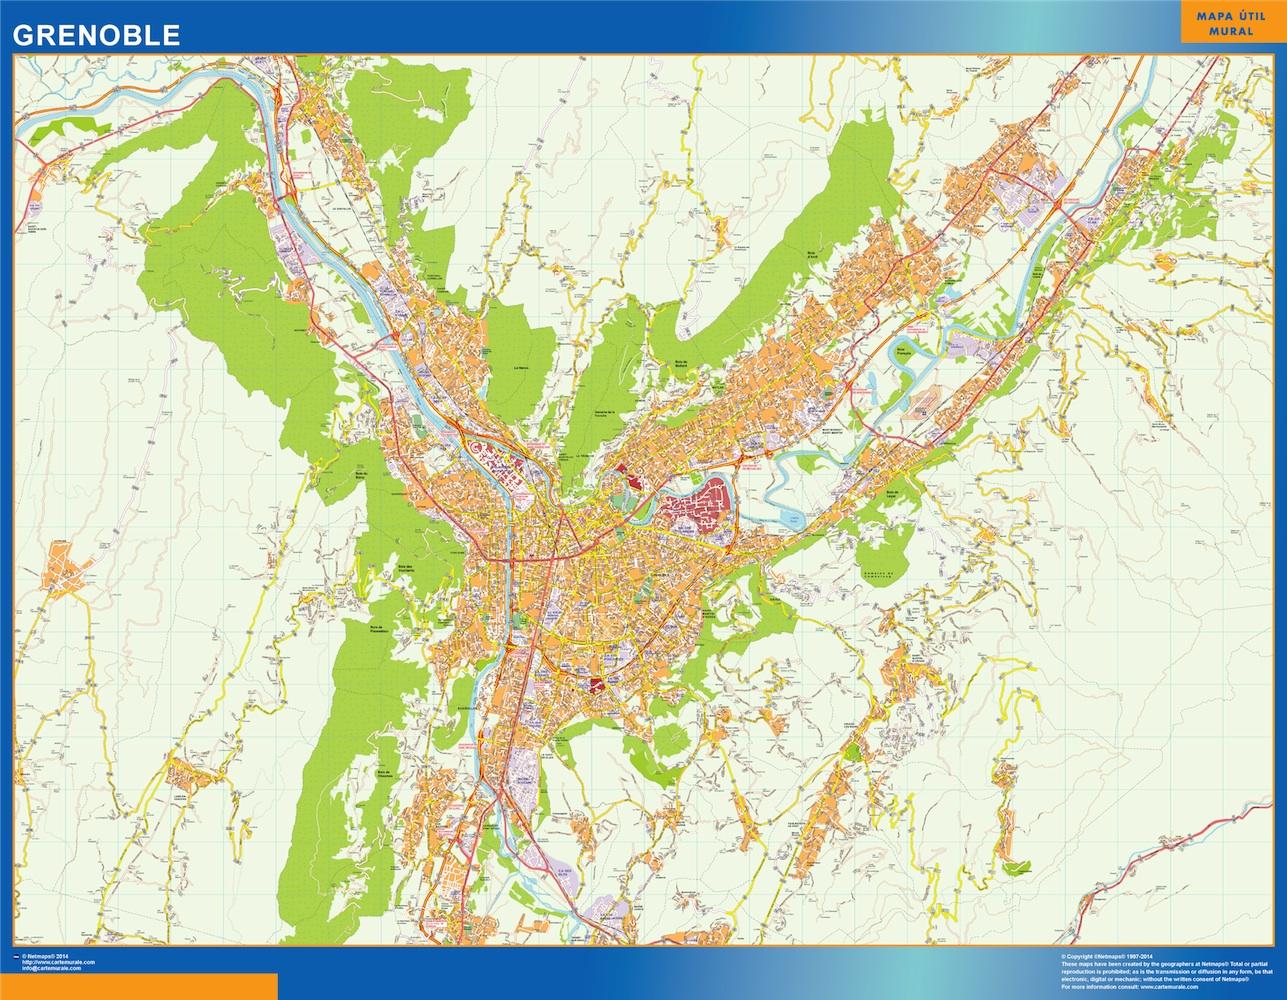 Mapa Grenoble en Francia plastificado gigante